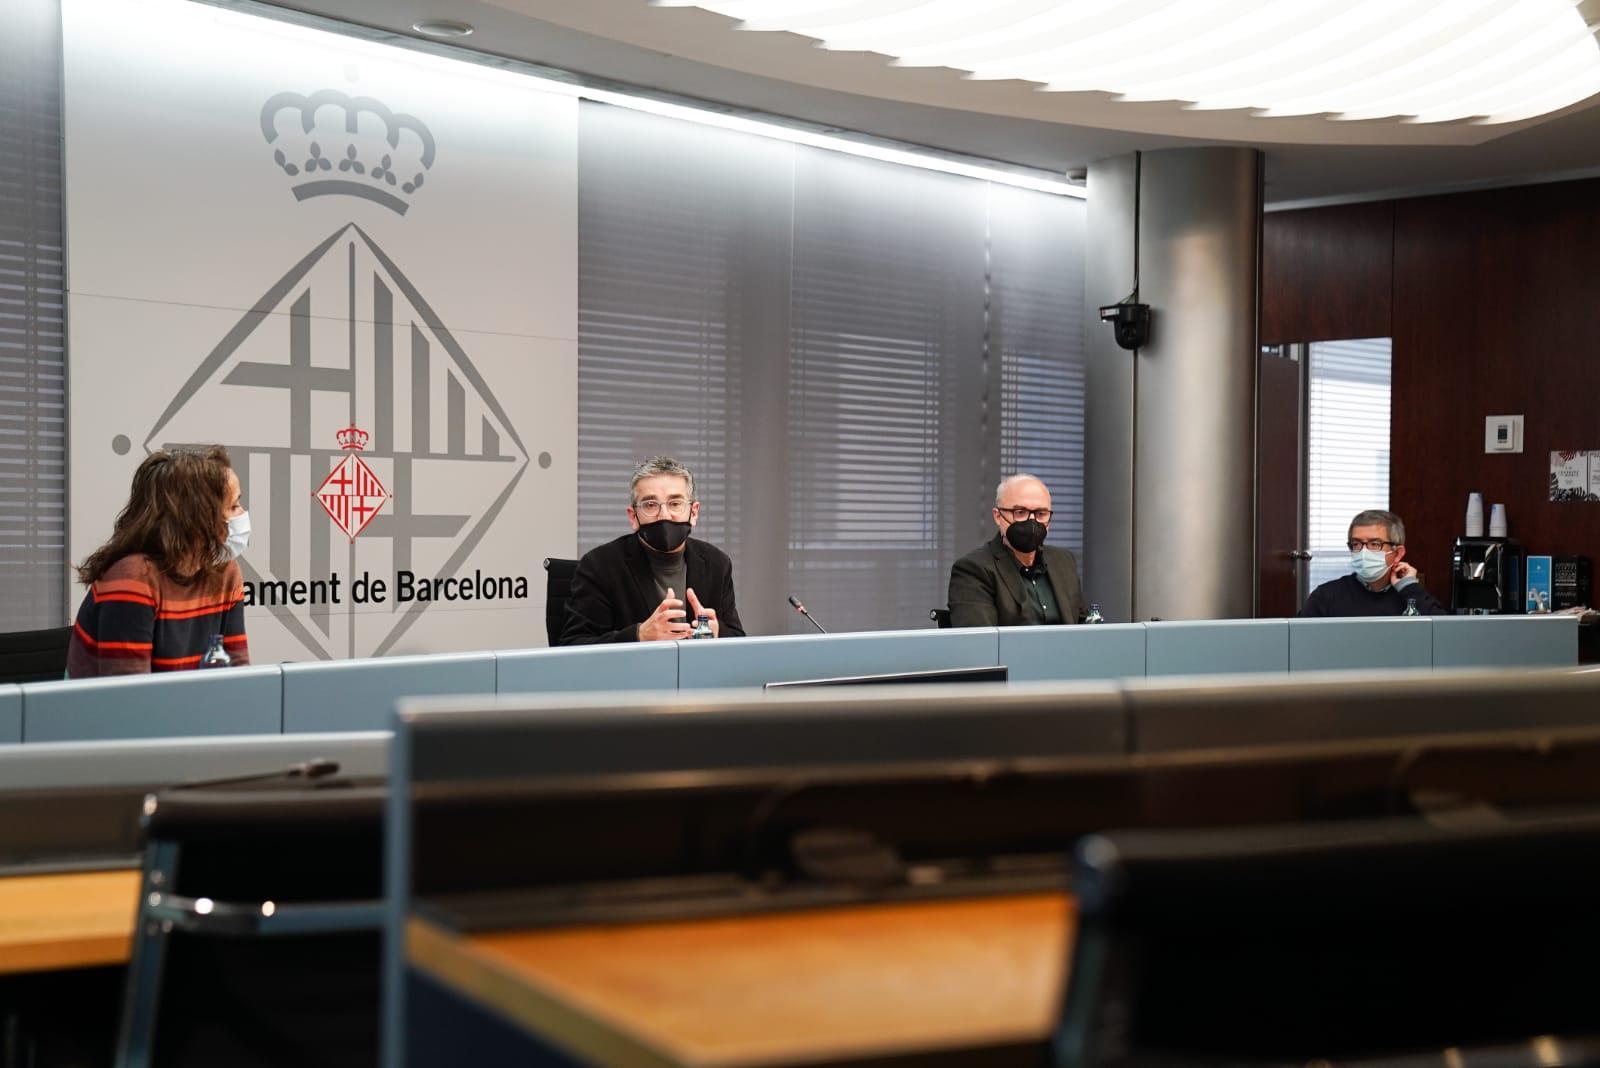 Roda de premsa a l'Ajuntament de Barcelona per presentar els 'Cicles metropolitans'